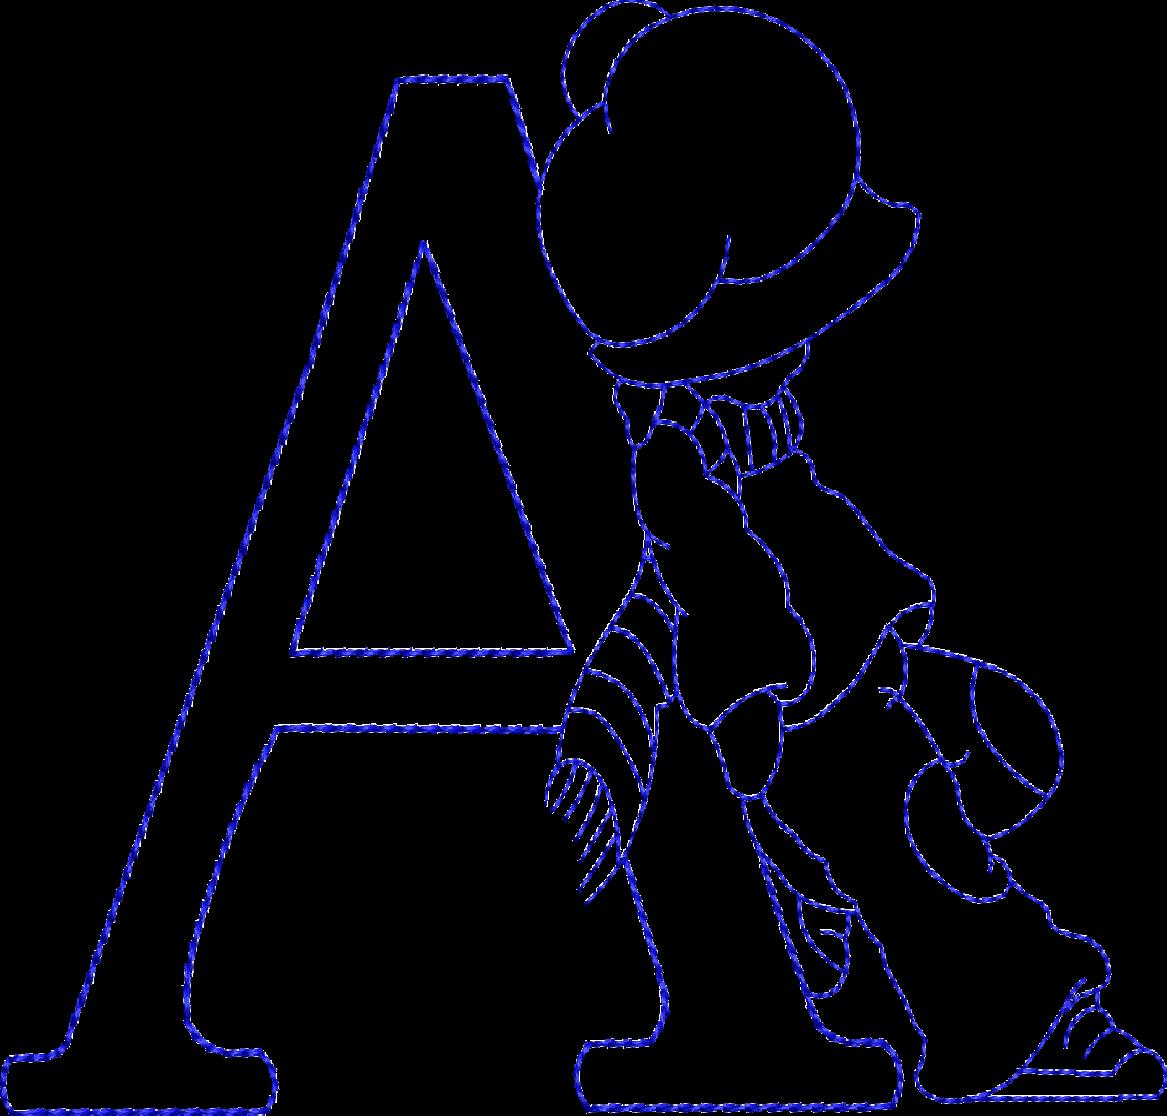 Diseños de bordado de la Máquina - Sunbonnet Alphabet | Diseños de ...